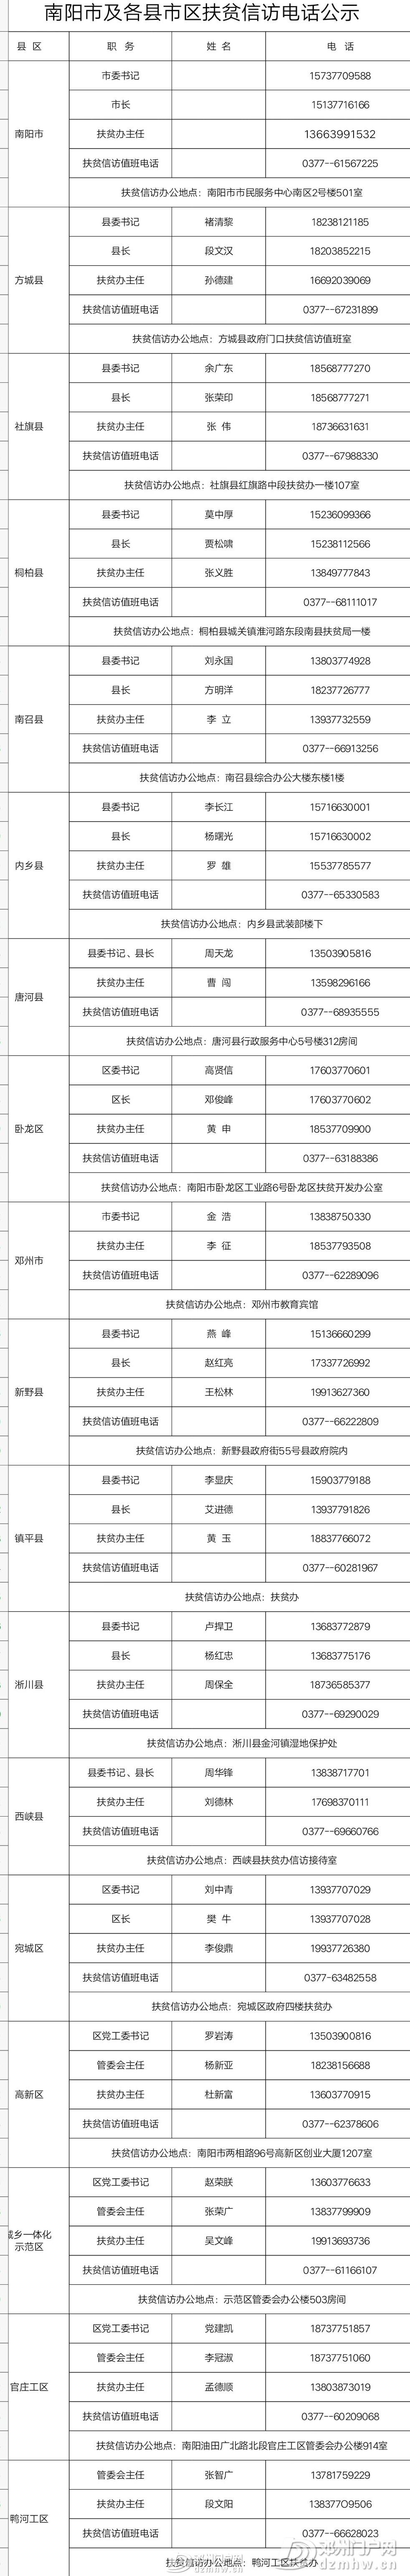 邓州市委书记金浩手机号码被南阳公布,因这项工作需要... - 邓州门户网|邓州网 - bfb716a65c7fff0a30c0aadcac60da61.jpg